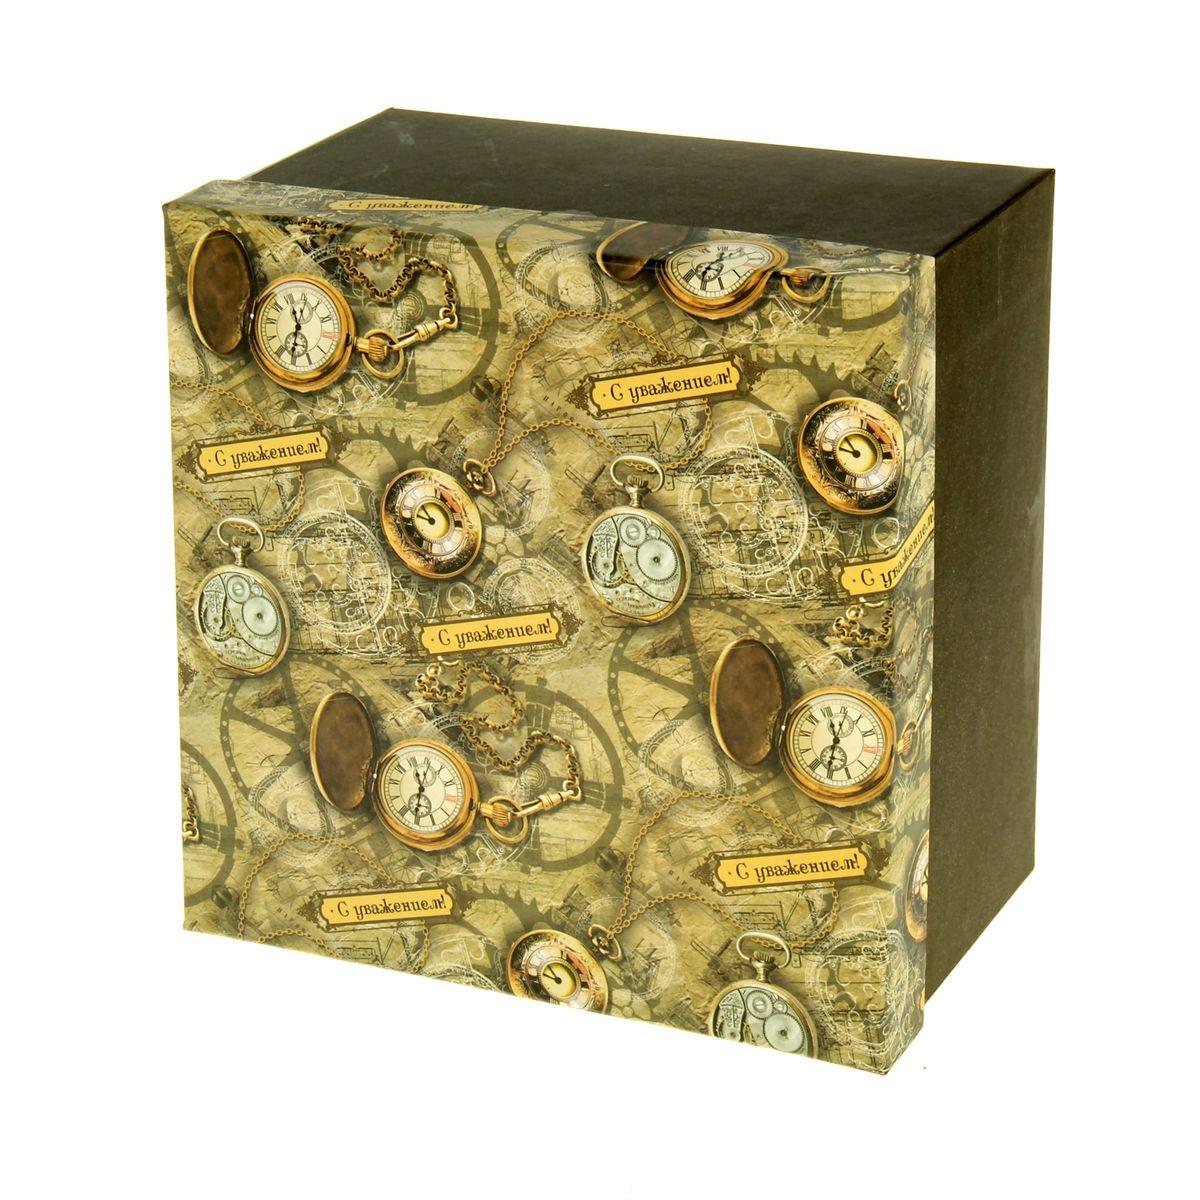 Подарочная коробка Sima-land Часы, 20 х 20 х 11,5 см862373Подарочная коробка Sima-land Часы выполнена из плотного картона. Крышка оформлена ярким изображением часов и надписью С уважением!.Подарочная коробка - это наилучшее решение, если вы хотите порадовать вашихблизких и создать праздничное настроение, ведь подарок, преподнесенный воригинальной упаковке, всегда будет самым эффектным и запоминающимся.Окружите близких людей вниманием и заботой, вручив презент в нарядном,праздничном оформлении.